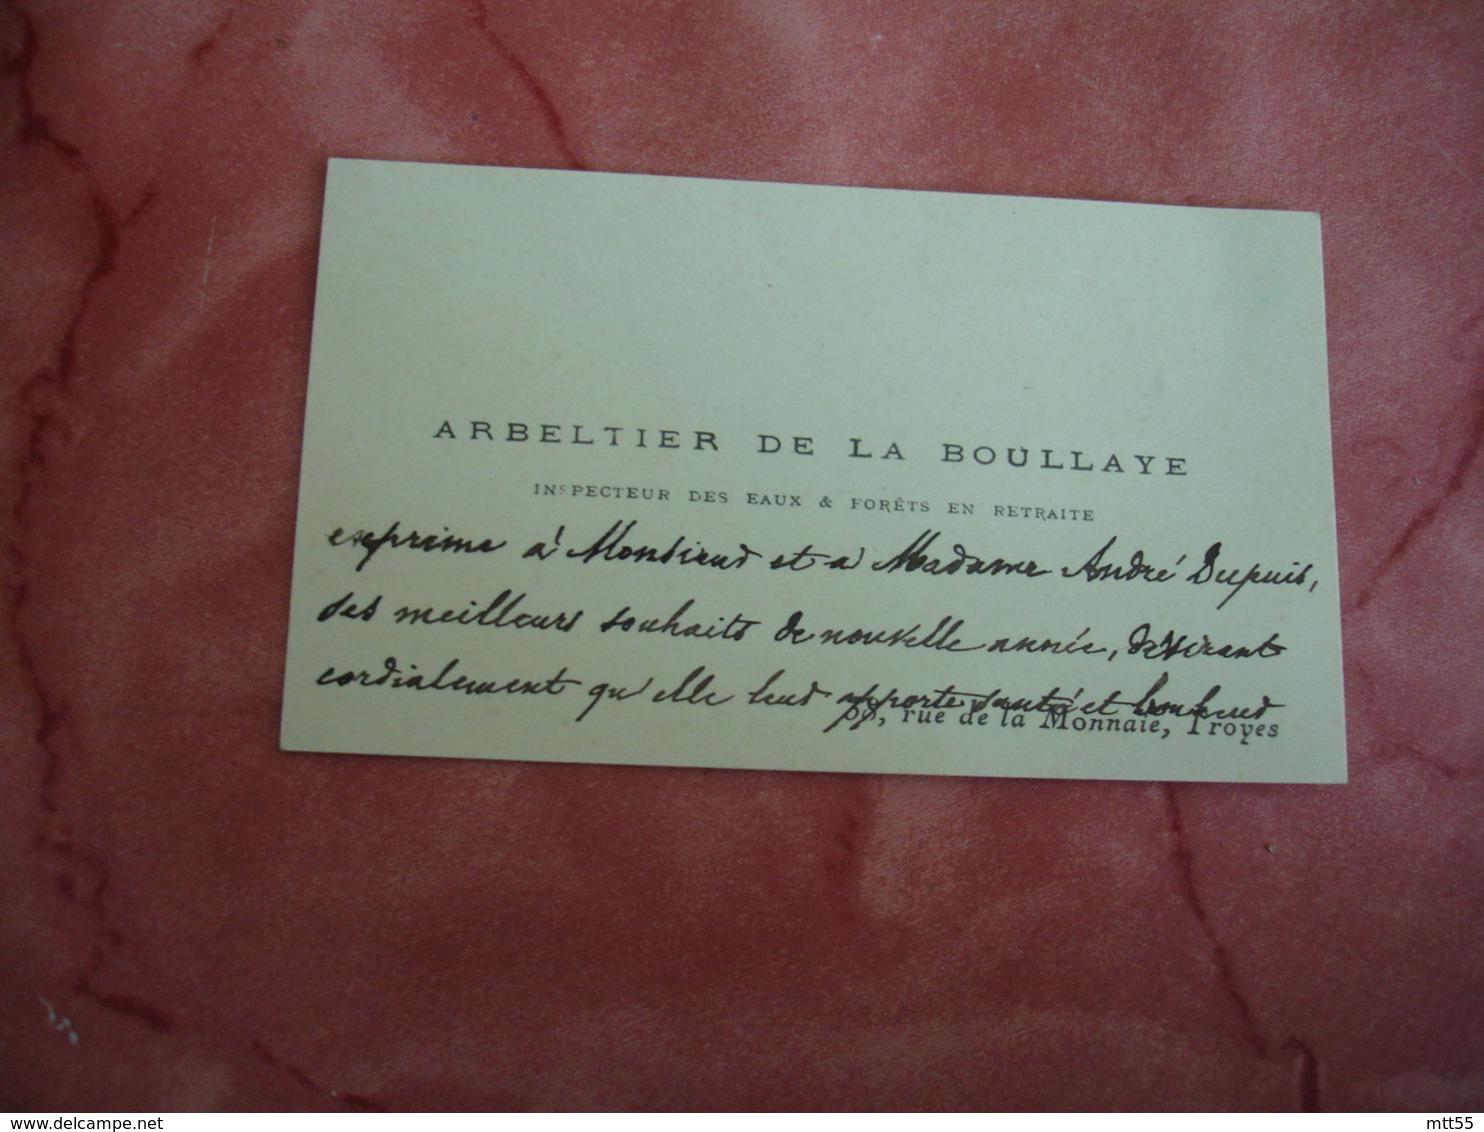 Arbeltier De La Boullaye Eaux Et Foret Troyes Avec Envoi Carte De Visite - Cartes De Visite